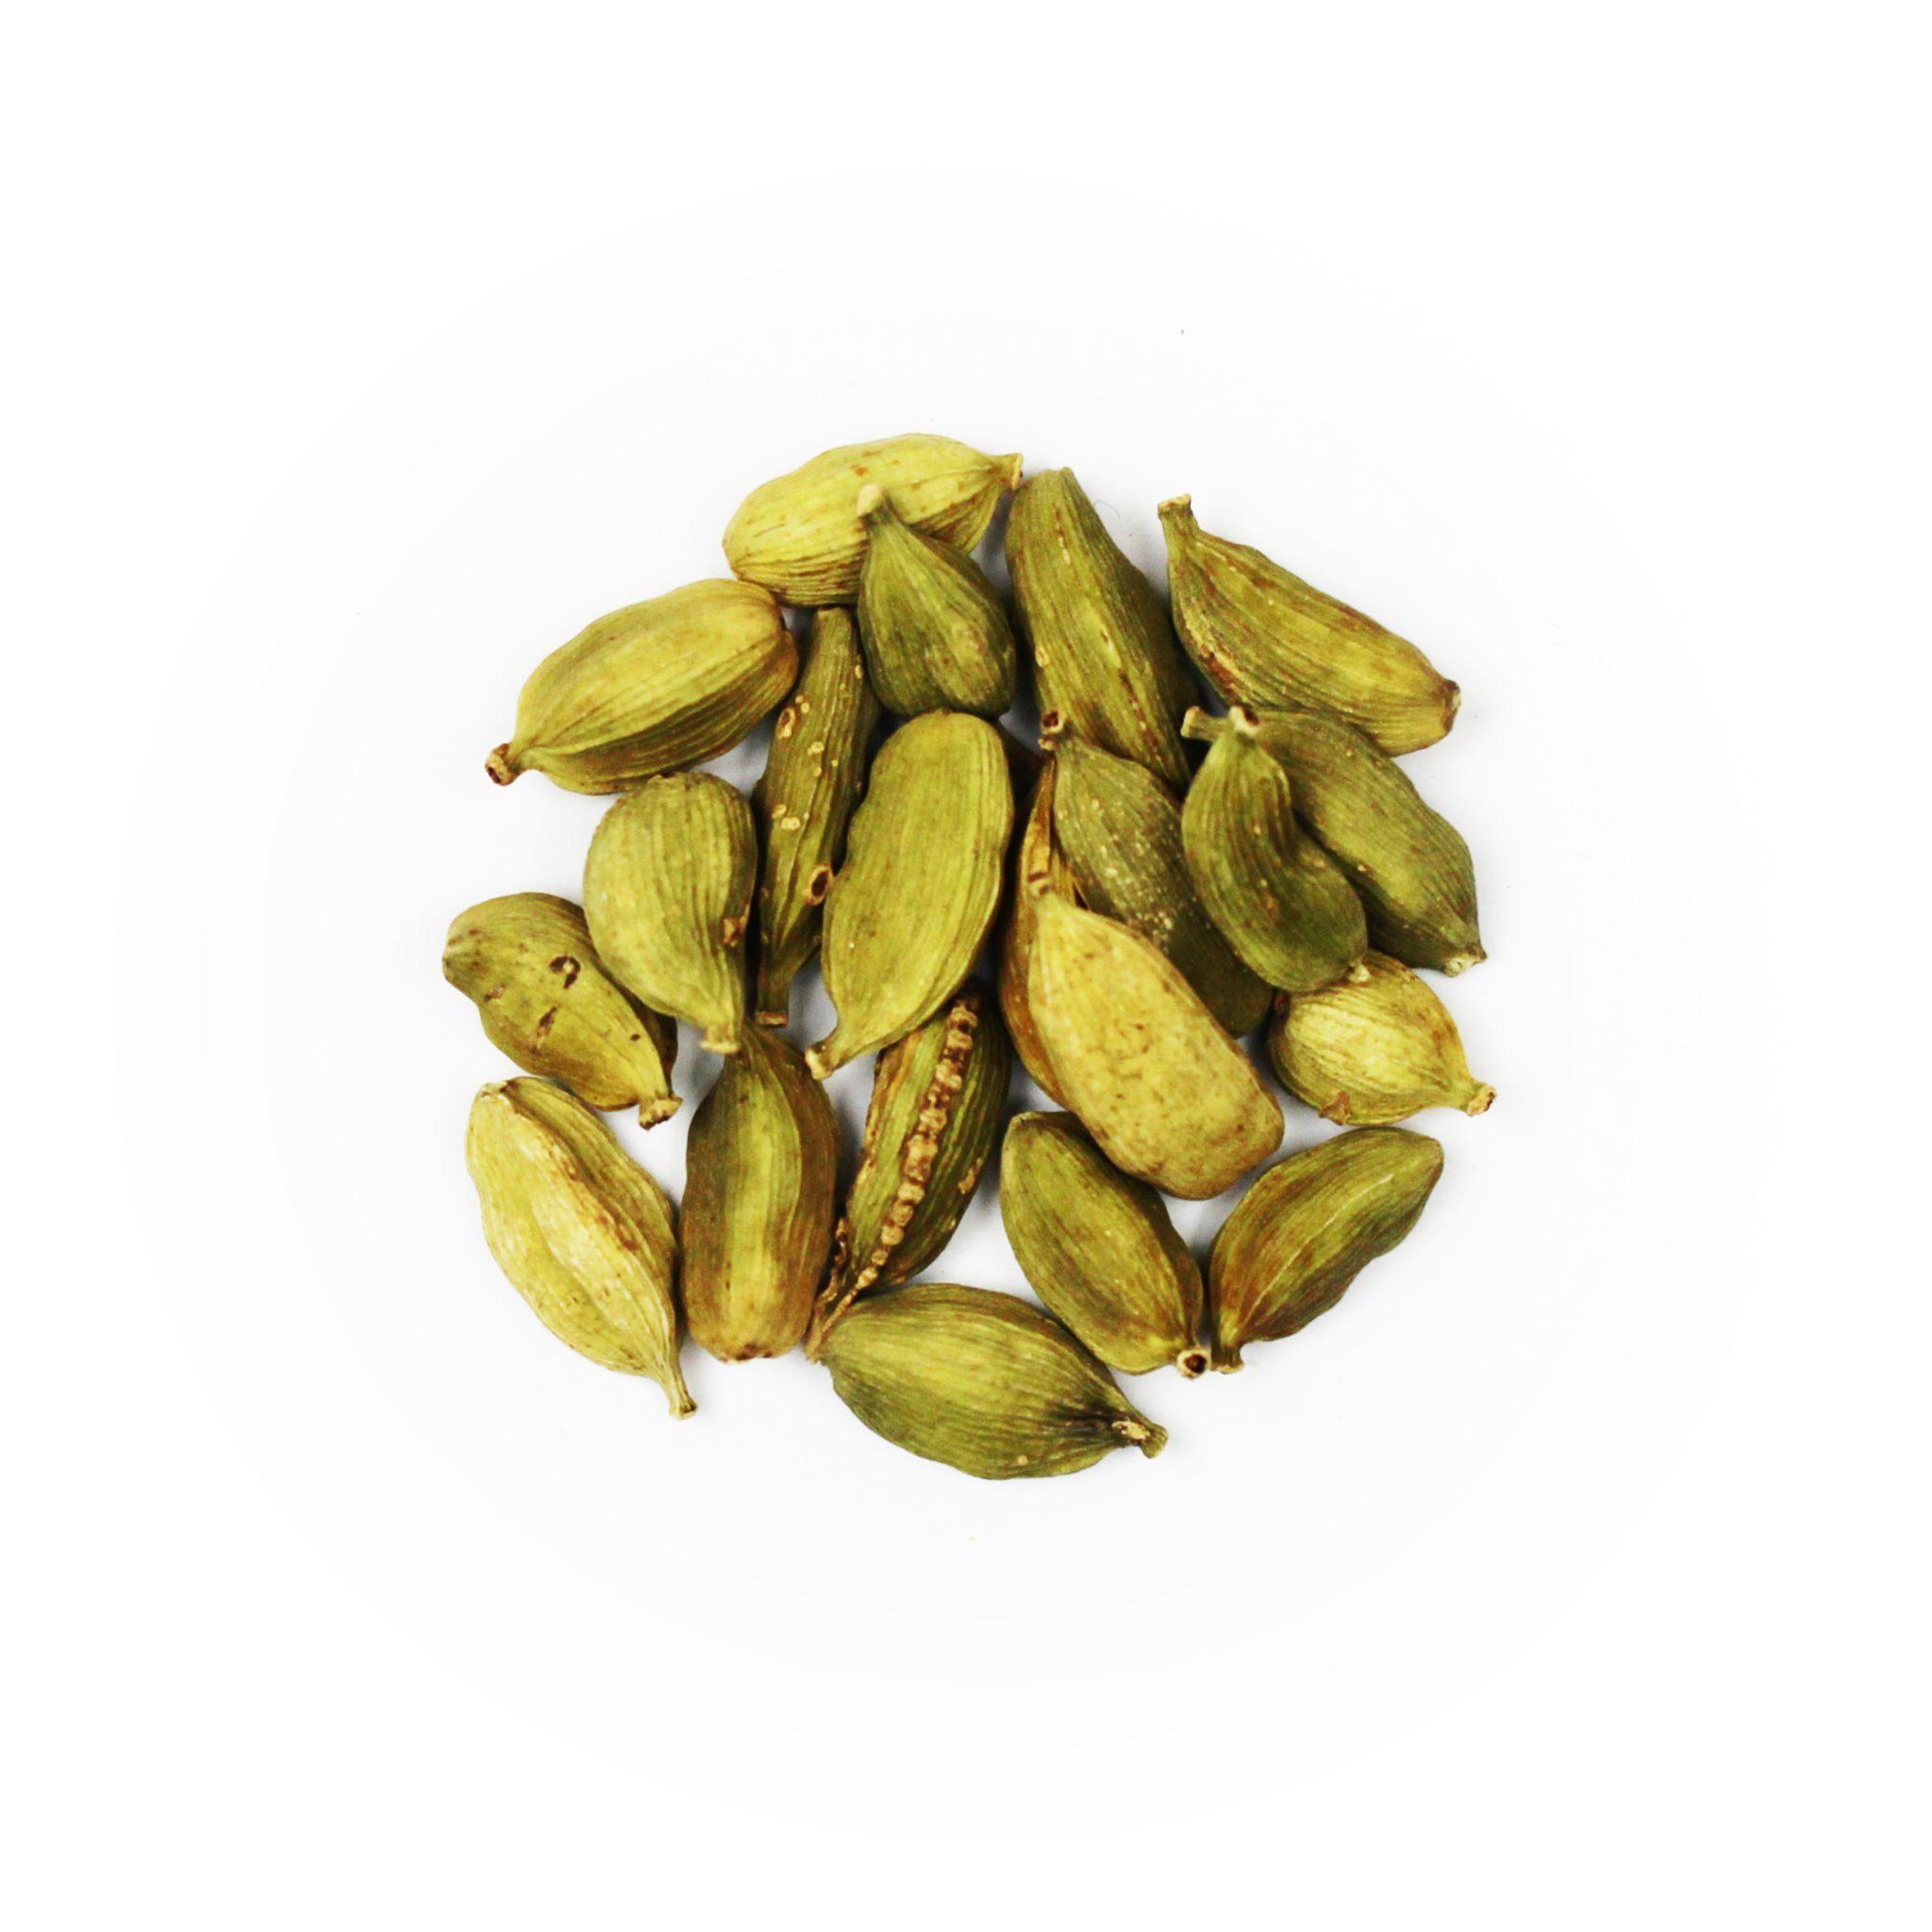 Kardamomfrüchte (Fructus Cardamomi)